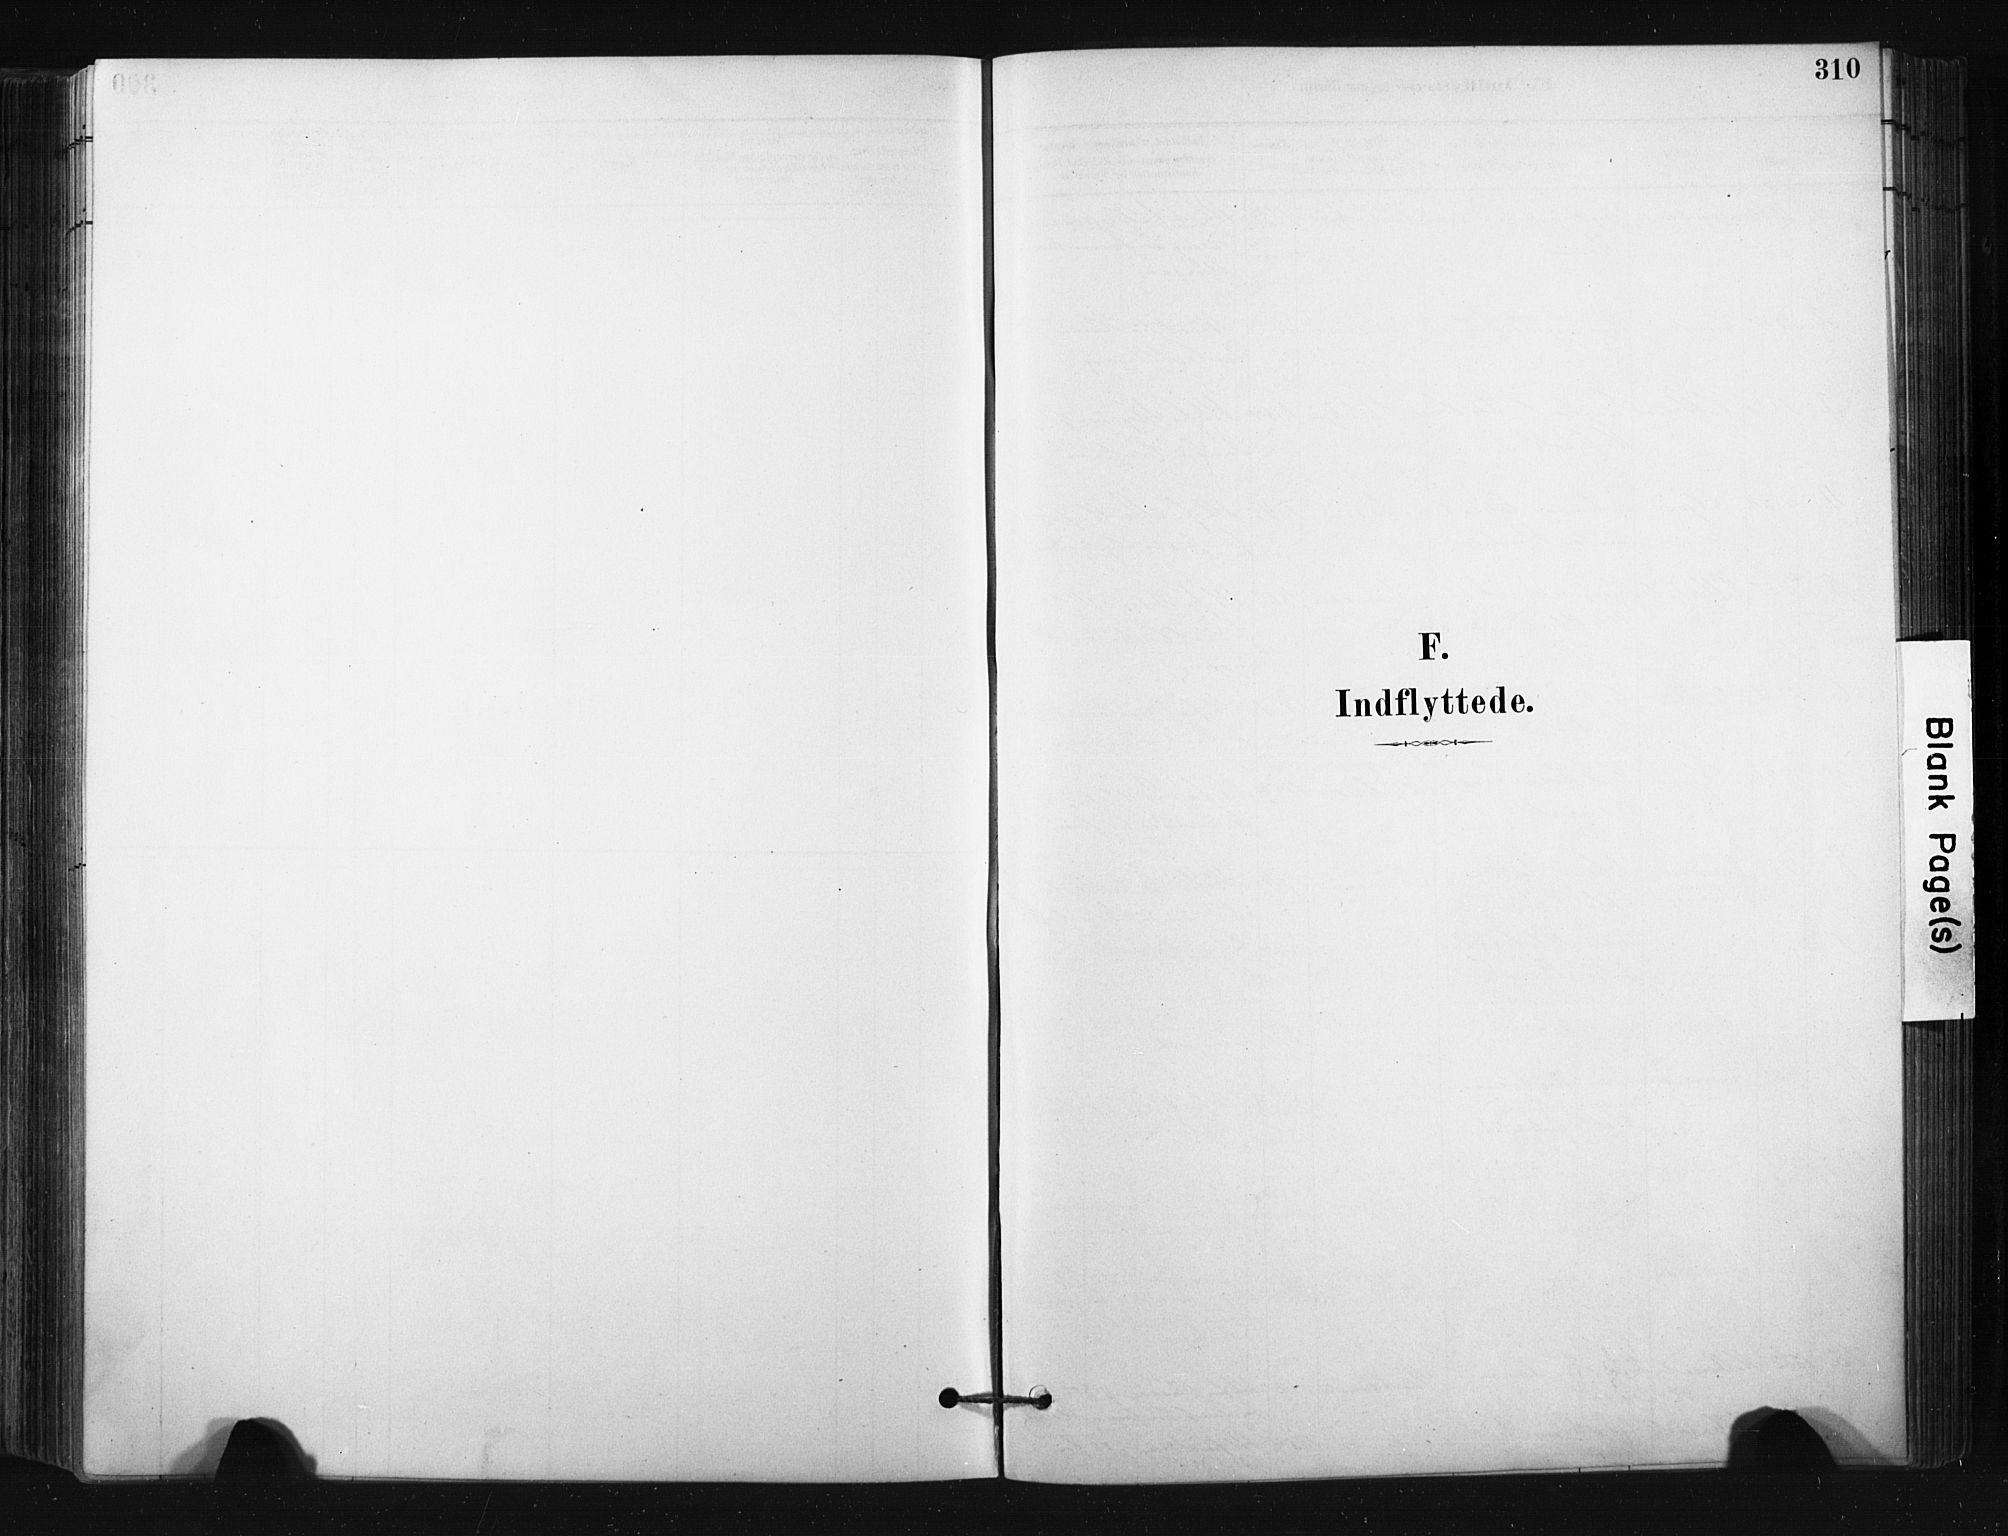 SAKO, Bø kirkebøker, F/Fa/L0010: Ministerialbok nr. 10, 1880-1892, s. 310